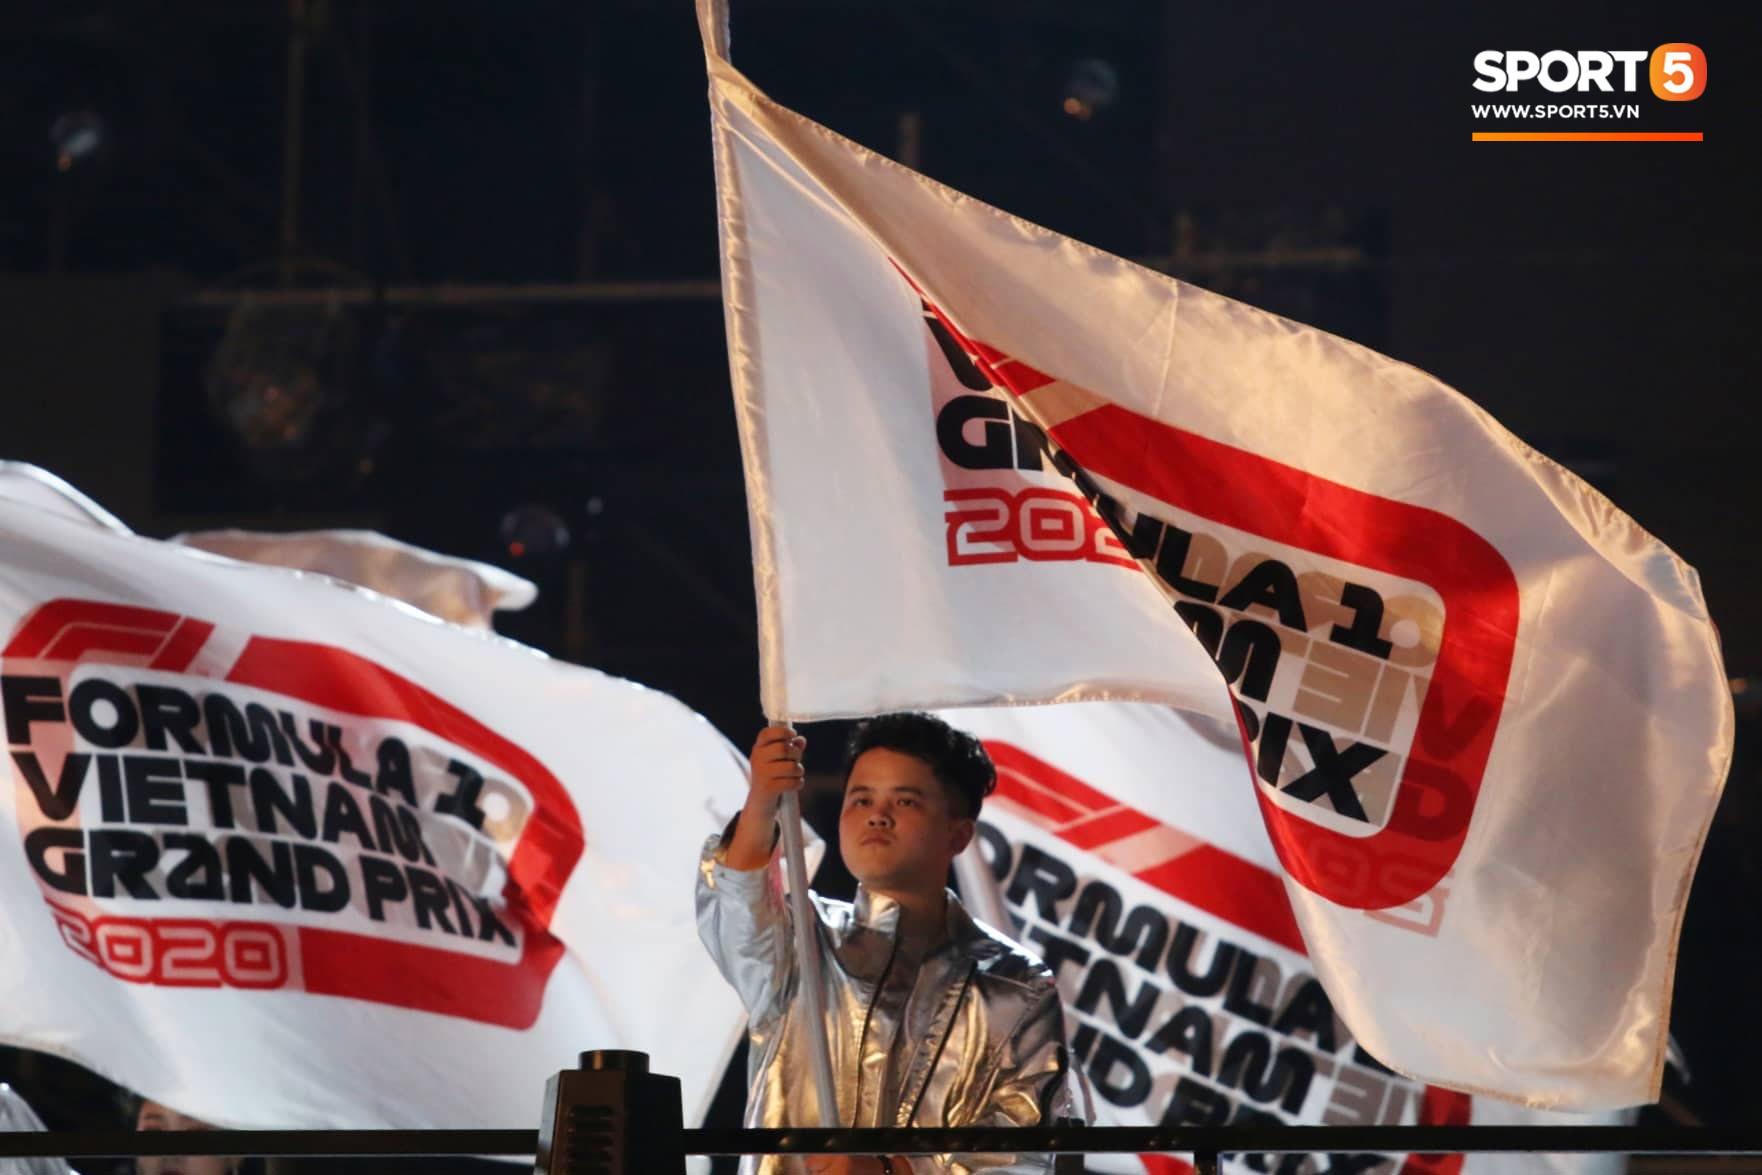 Sự kiện Khởi động F1 Việt Nam Grand Prix: Hoành tráng, mãn nhãn và đầy hứa hẹn - Ảnh 14.